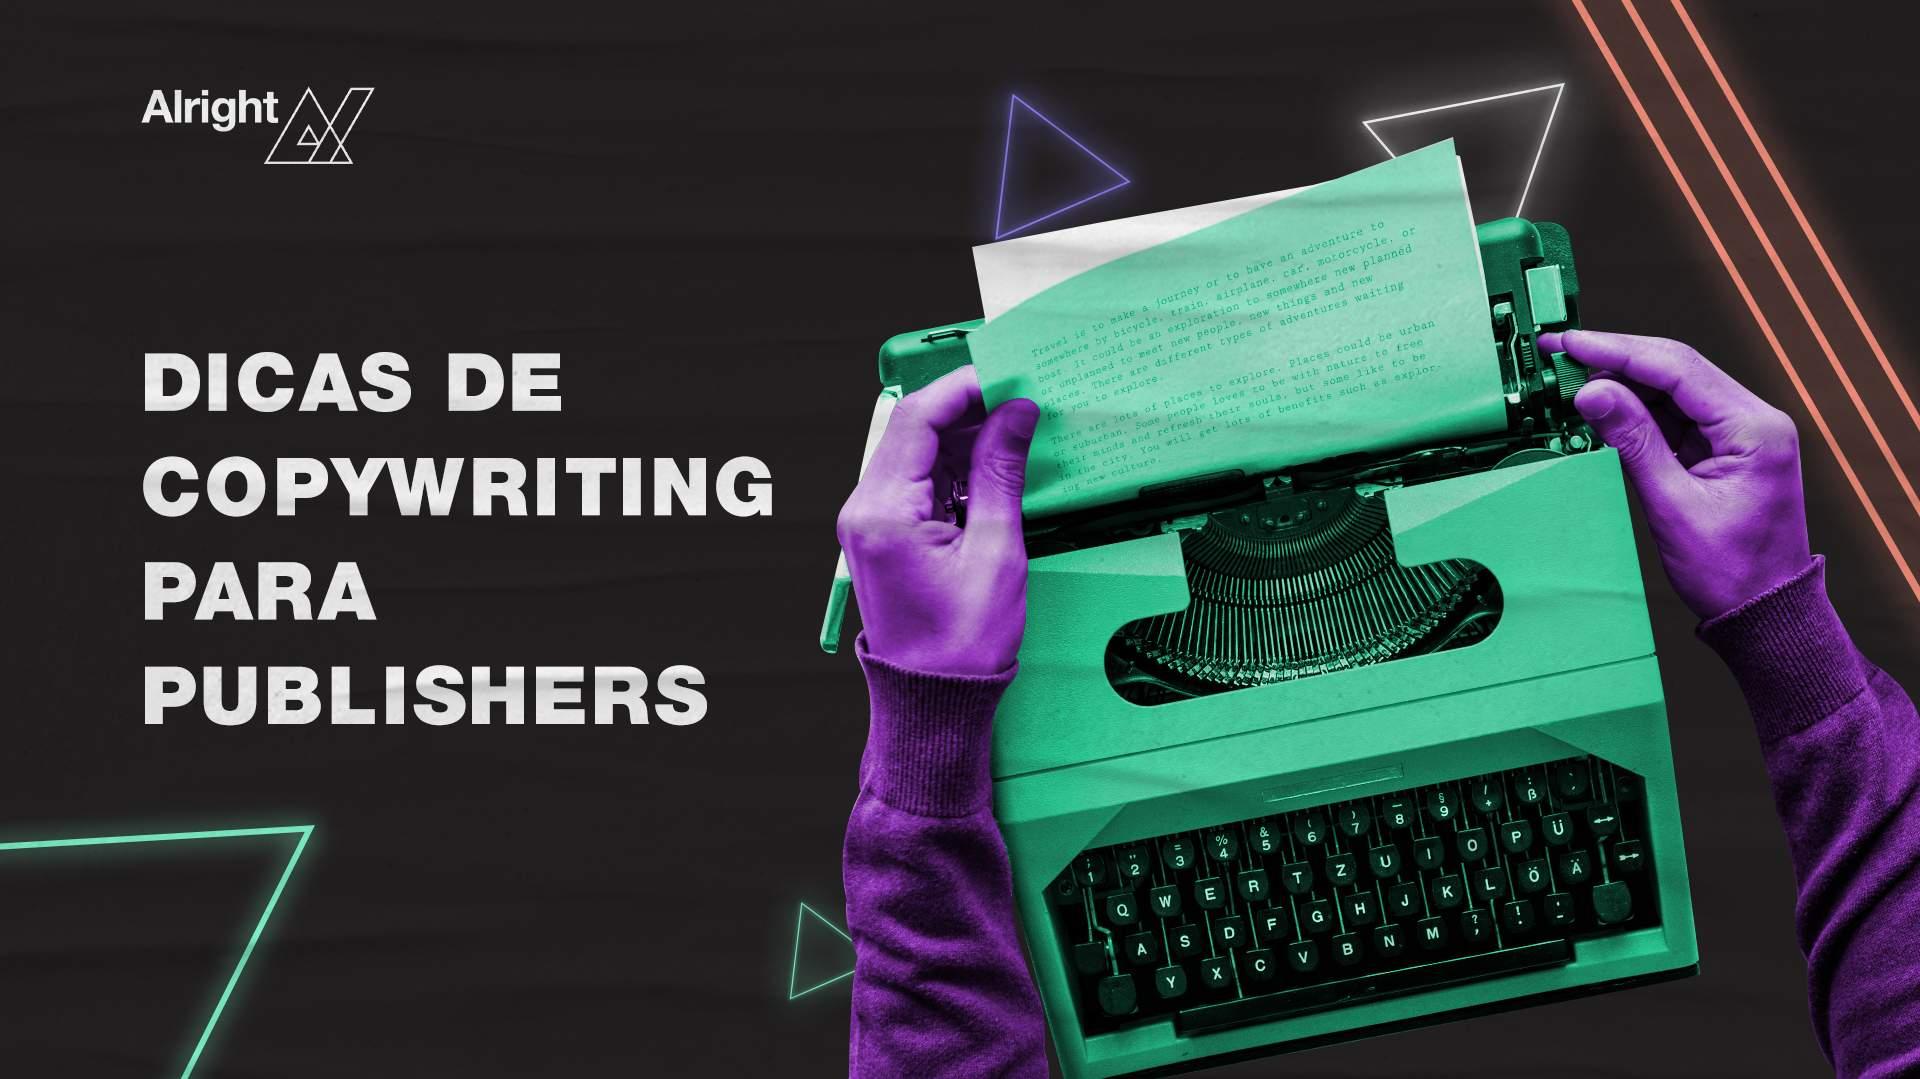 Dicas de copywriting para publishers